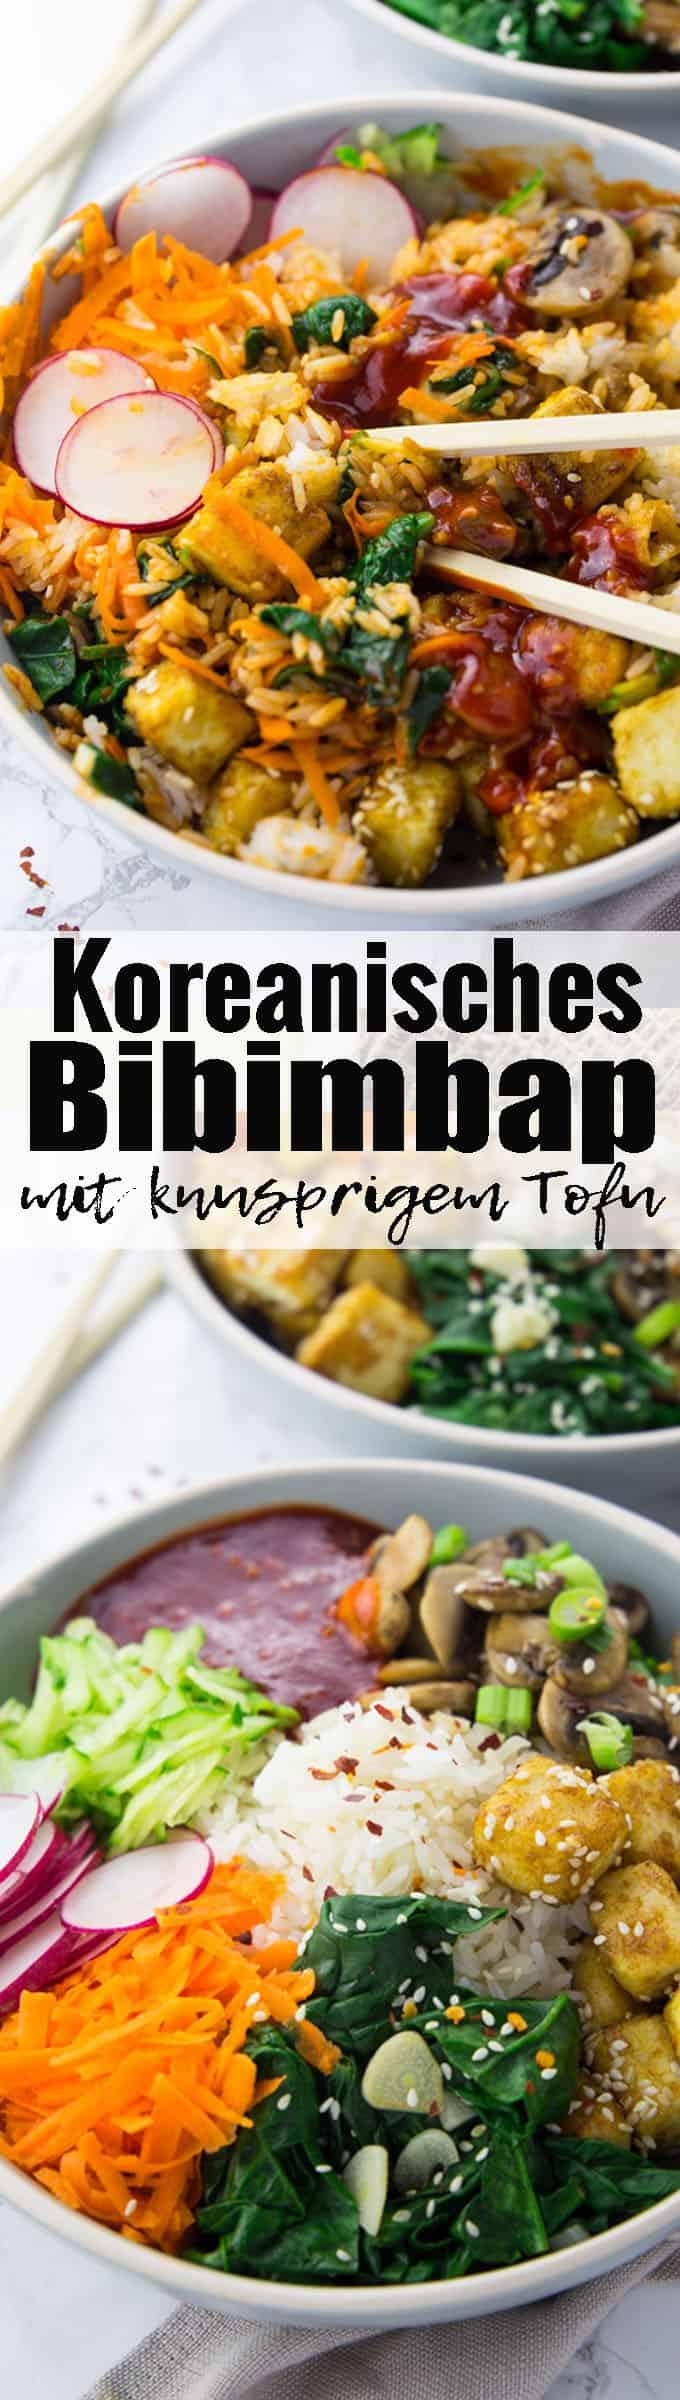 Ich liebe asiatische Rezepte! Dieses koreanisches Bibimbap mit knusprigem Sesam-Tofu, Spinat, Gurke und Karotten ist eines meiner Lieblingsrezepte. Mehr vegane Rezepte auf veganheaven.de <3